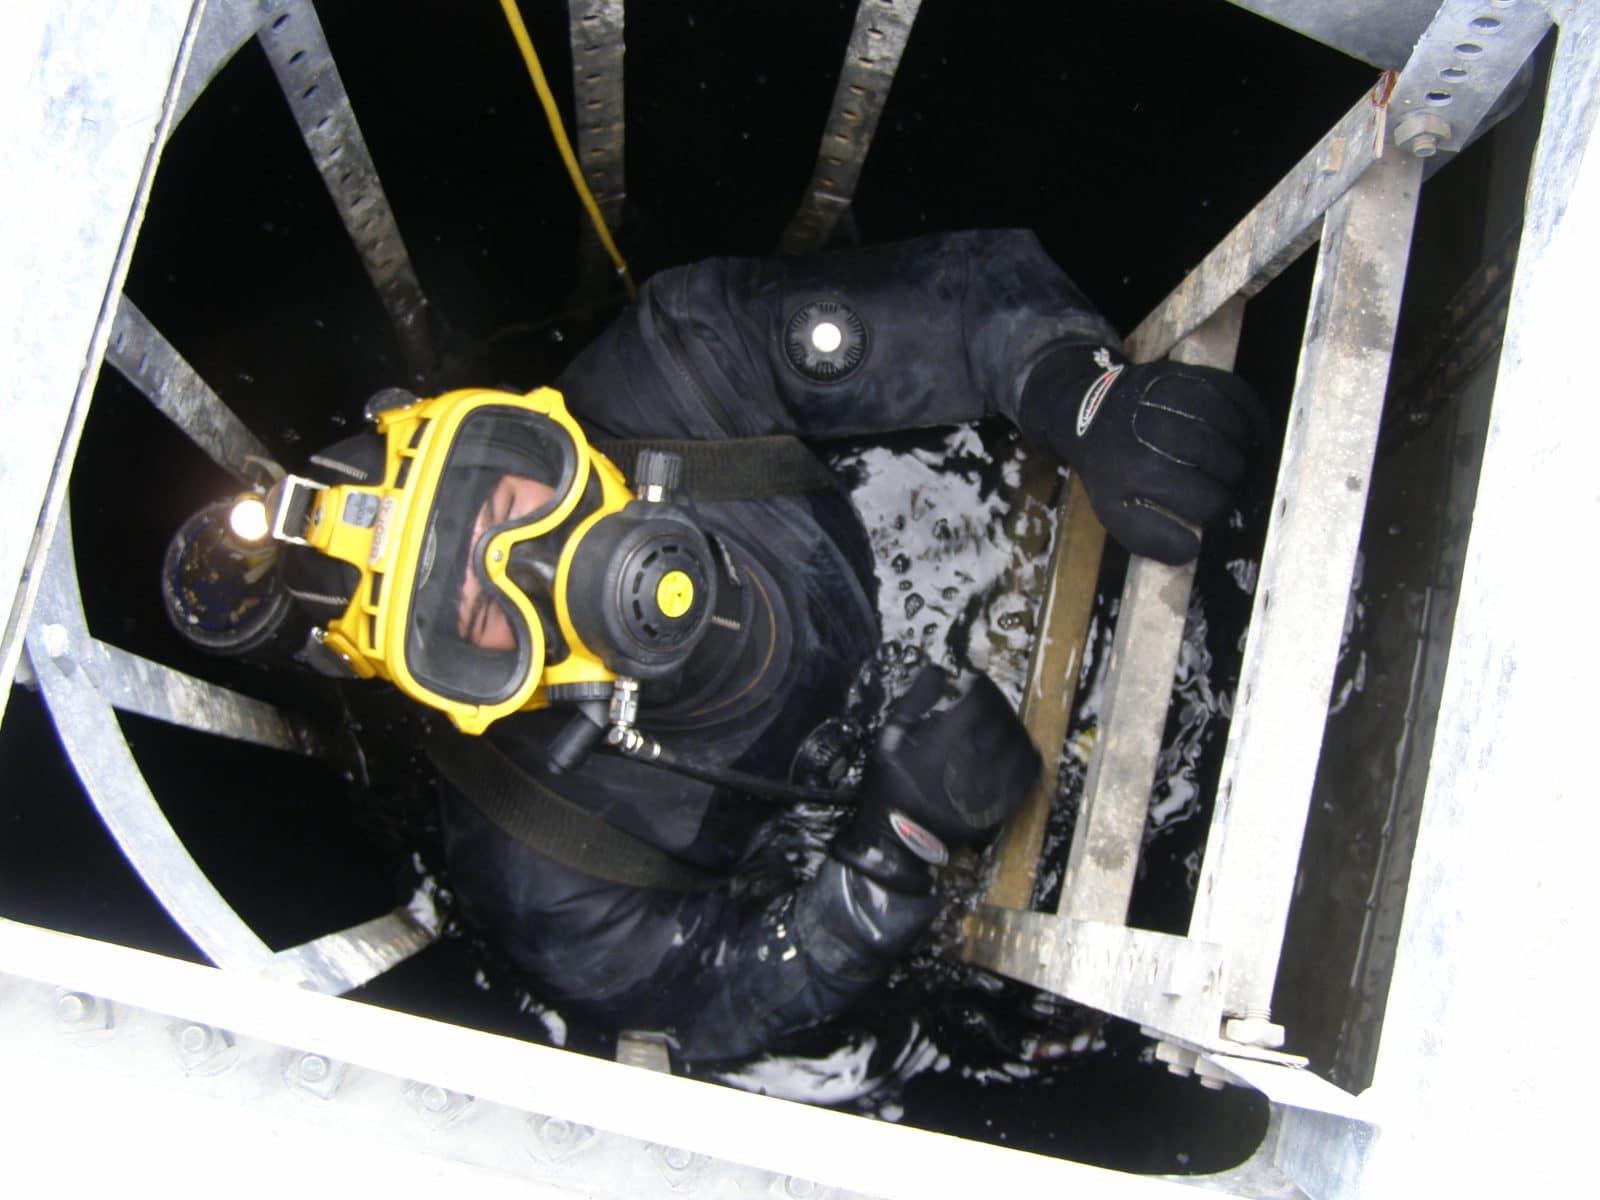 deboucheur debouchage canalisation depannage curage vidange 70 150x150 - inspection canalisation par caméra Evere intervention rapide